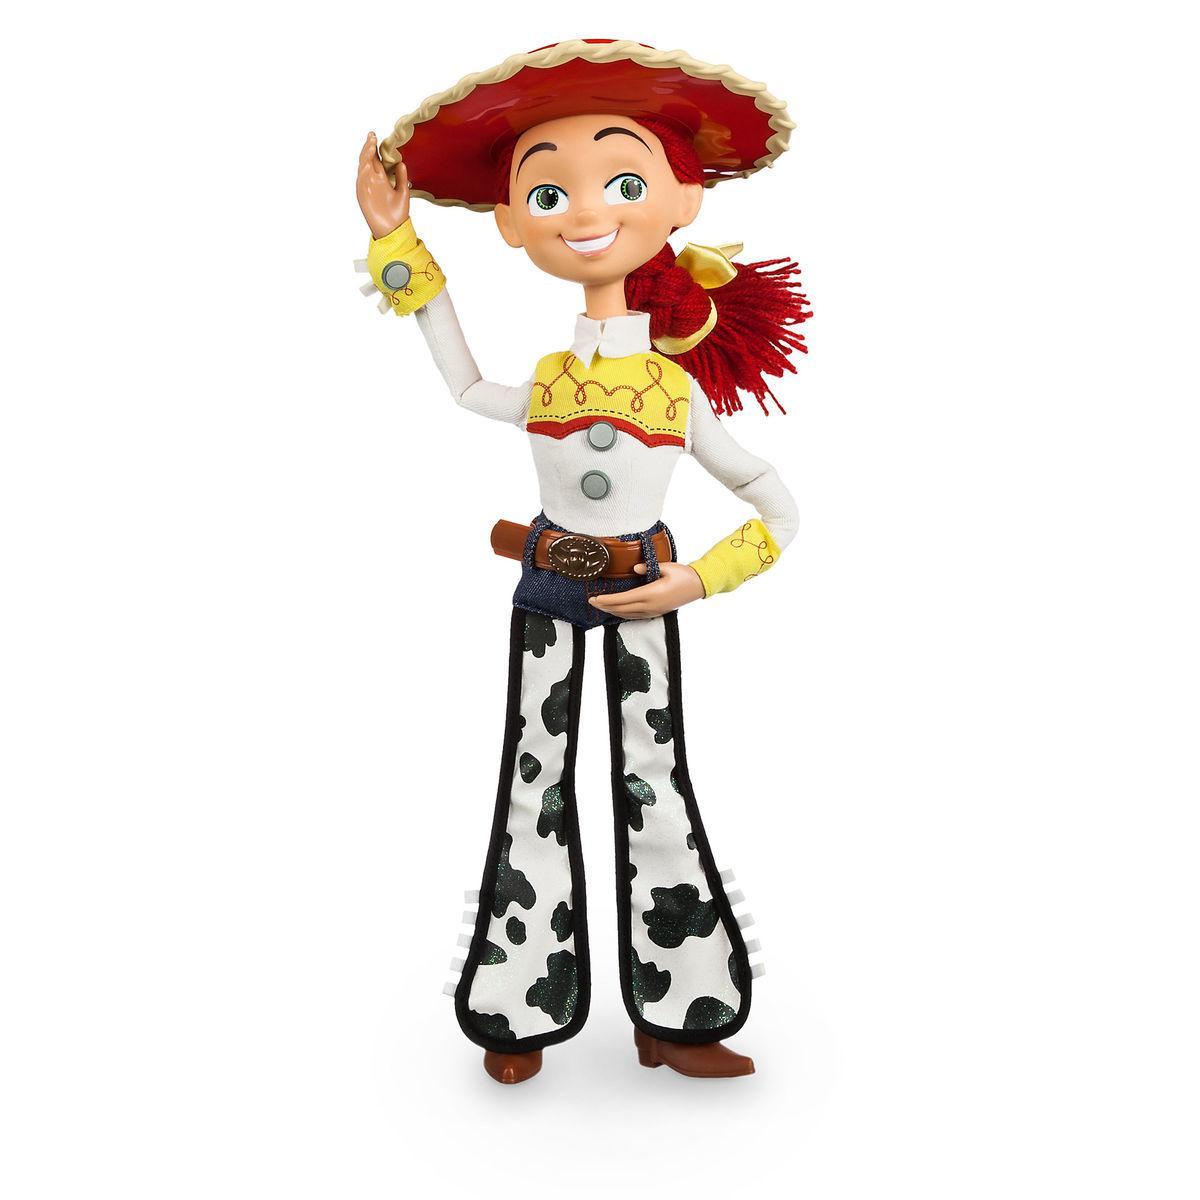 Интерактивная игрушка Джесси история игрушек Дисней Jessie Talking Action Figure DisneyStore